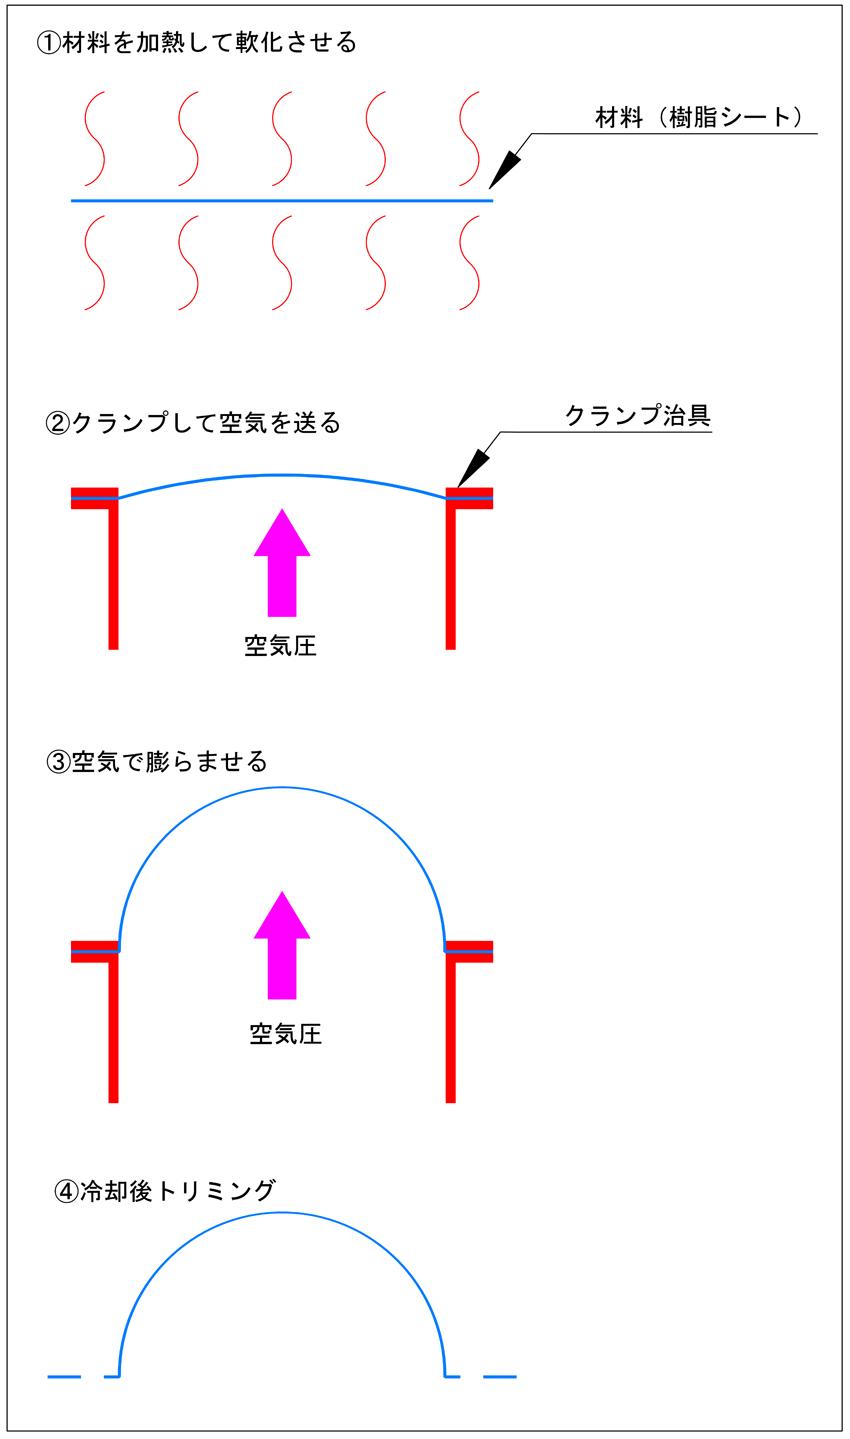 フリーブロー成形の流れ